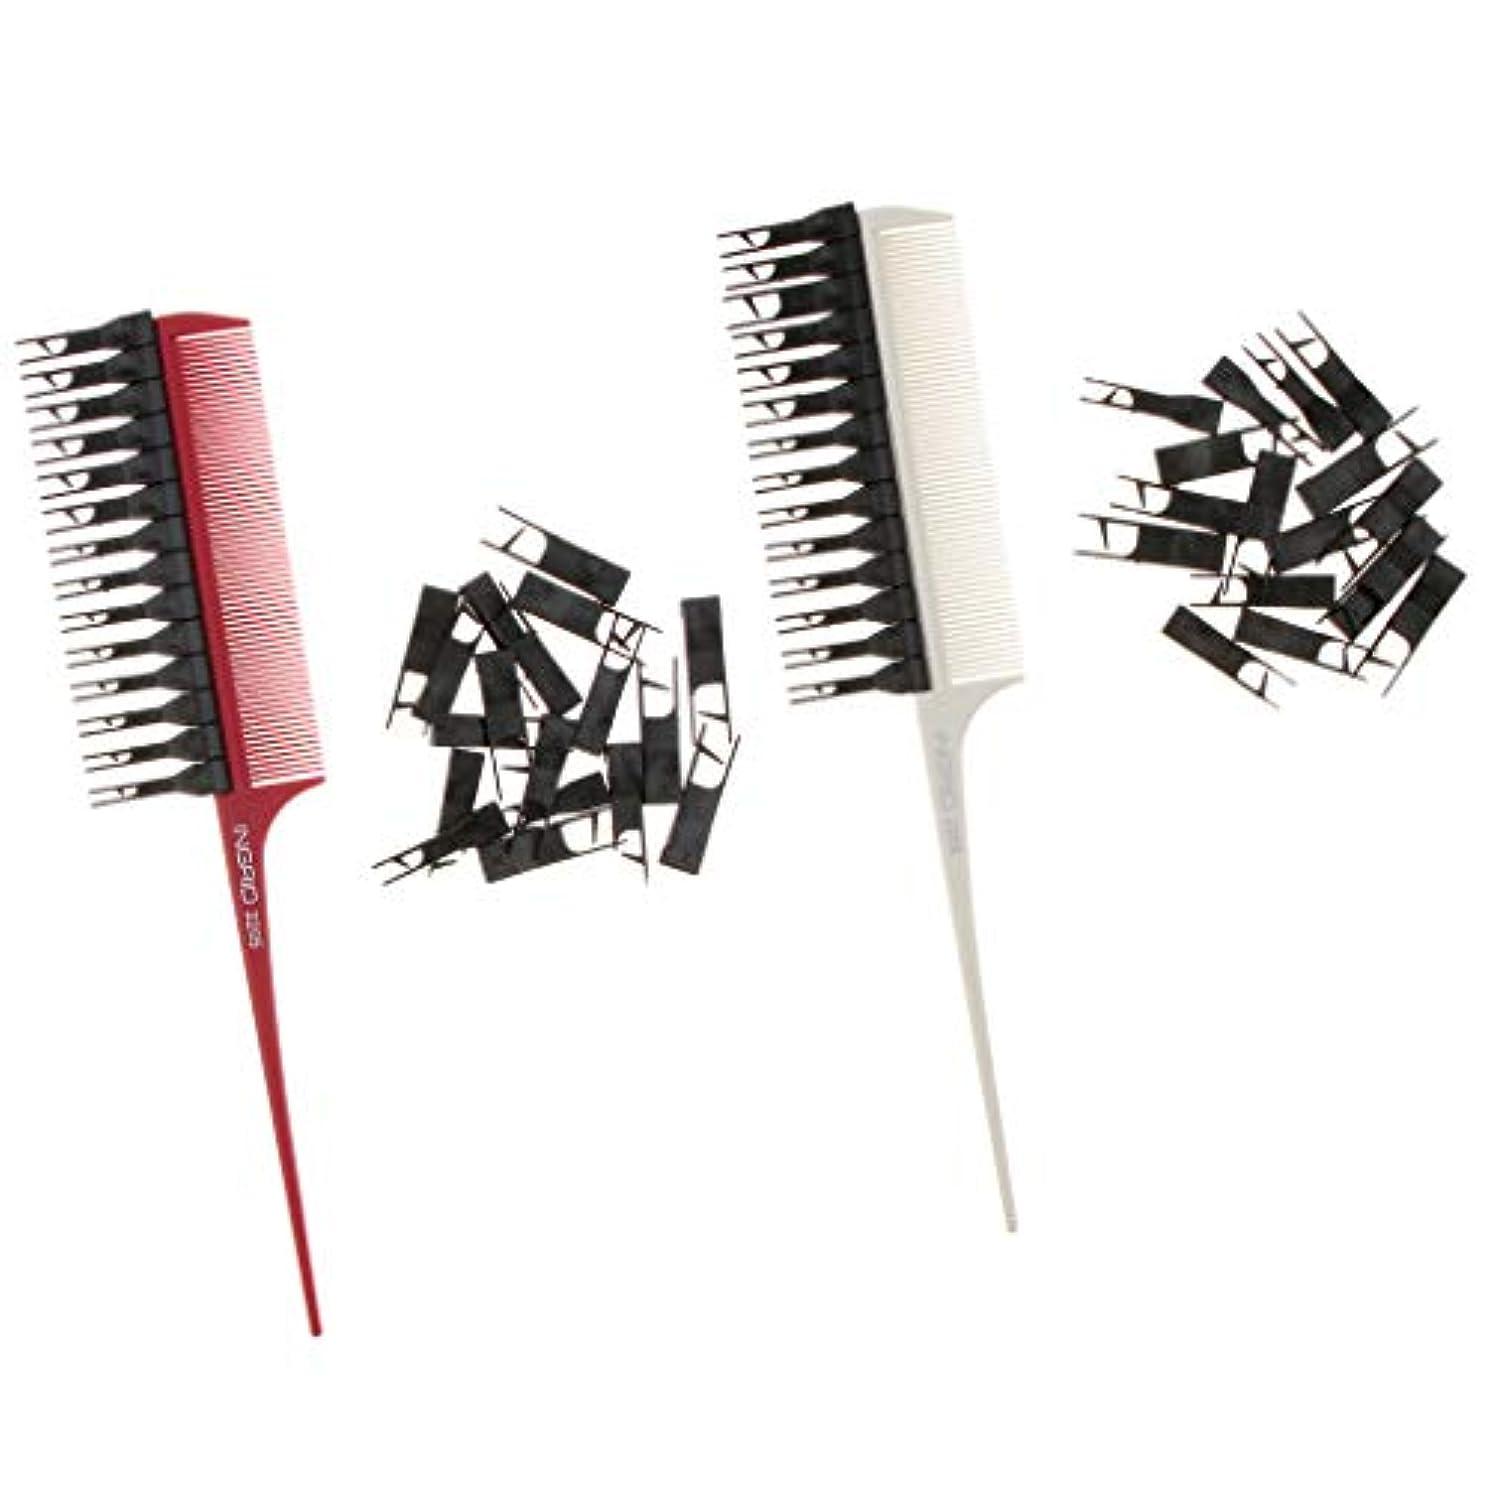 体系的に補足成功2個 スハイライトコーム 交換用クリップ サロン ハイライト ヘアブラシ 髪染めブラシ